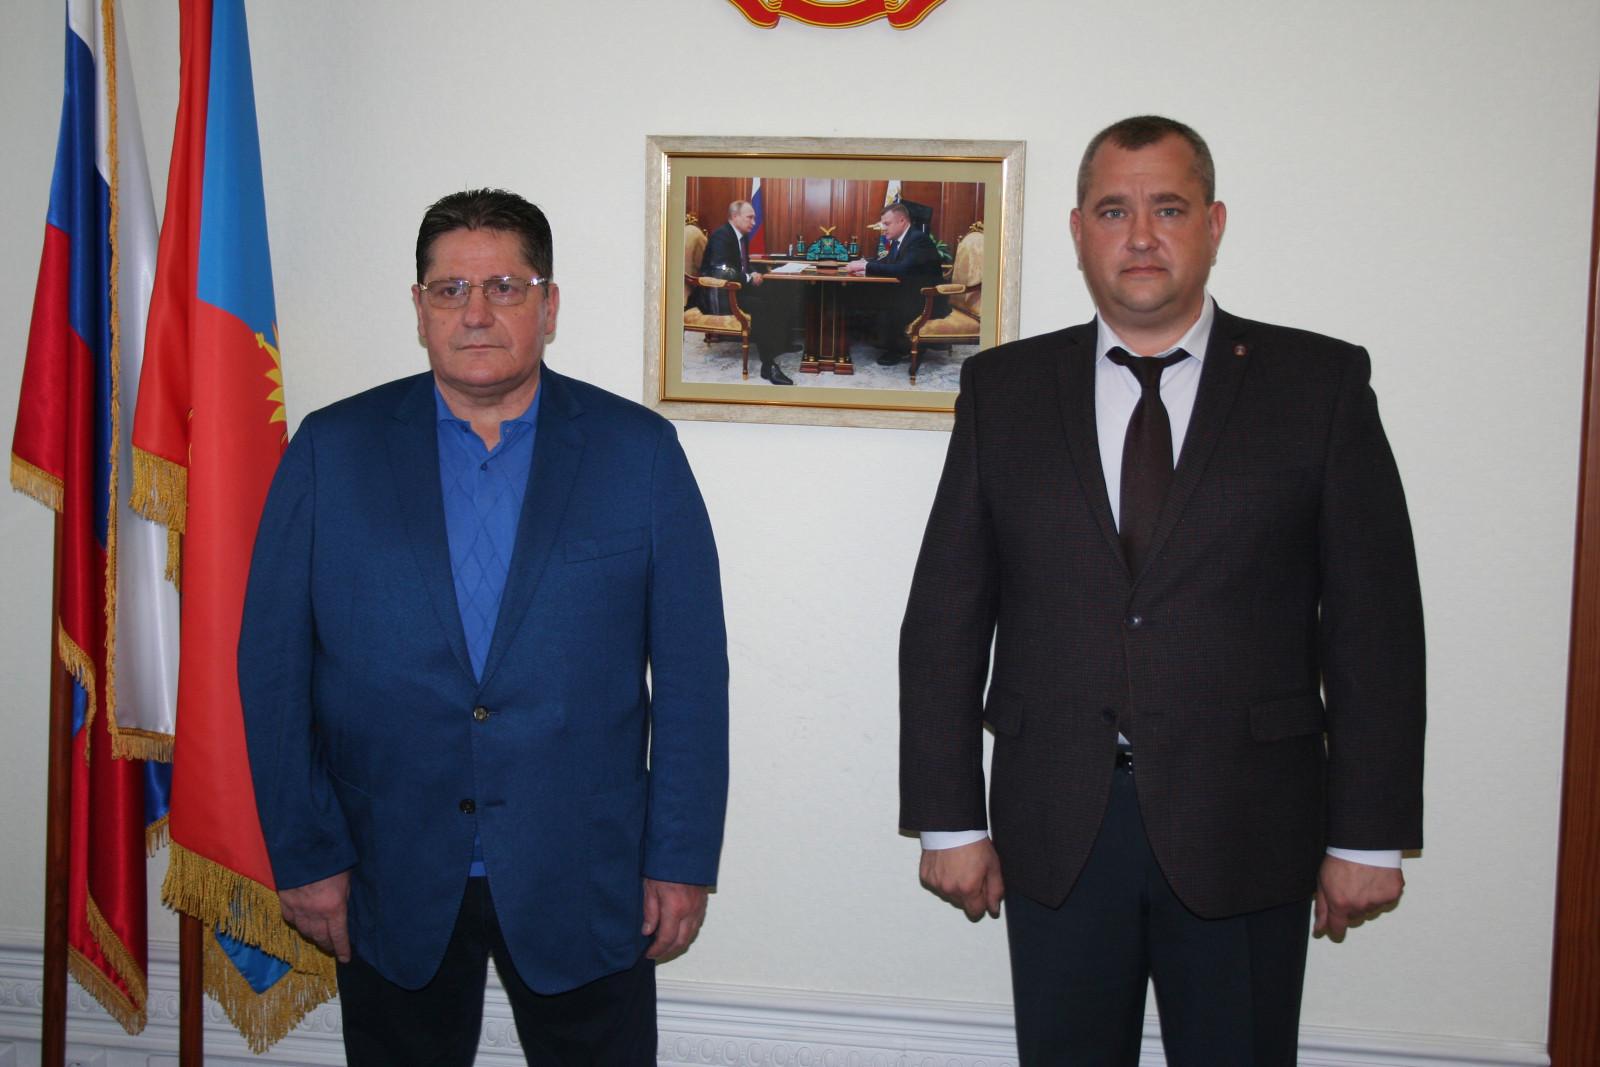 Первый вице-губернатор Олег Иванов встретился с легендарным советским хоккеистом Сергеем Макаровым